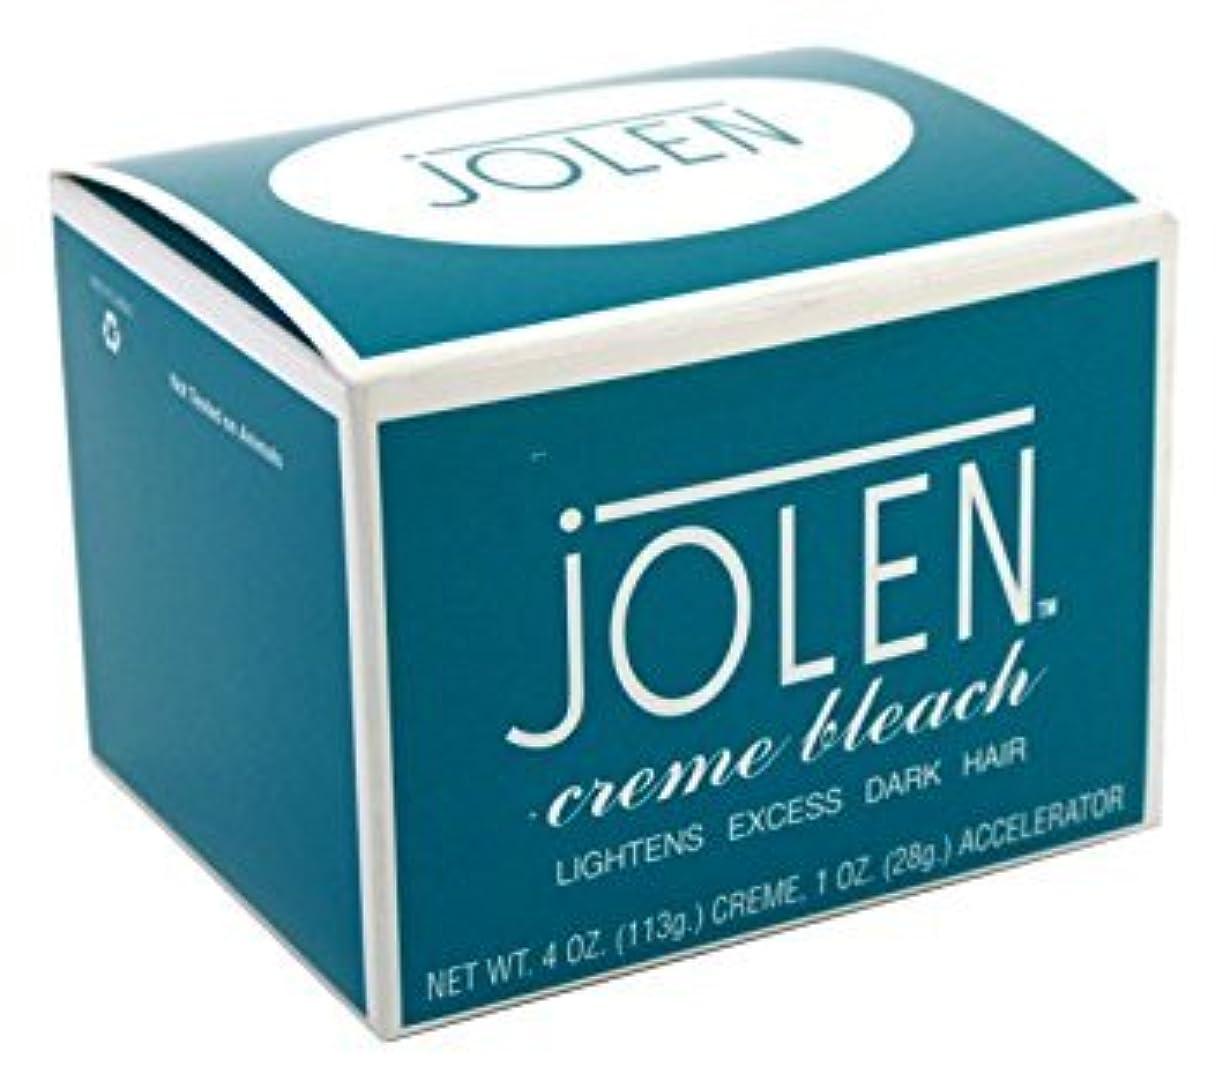 衣類引き潮マート箱つぶれ Jolen ジョレン 眉用ブリーチクリーム  レギュラー 大きなサイズ 4オンス [並行輸入品]